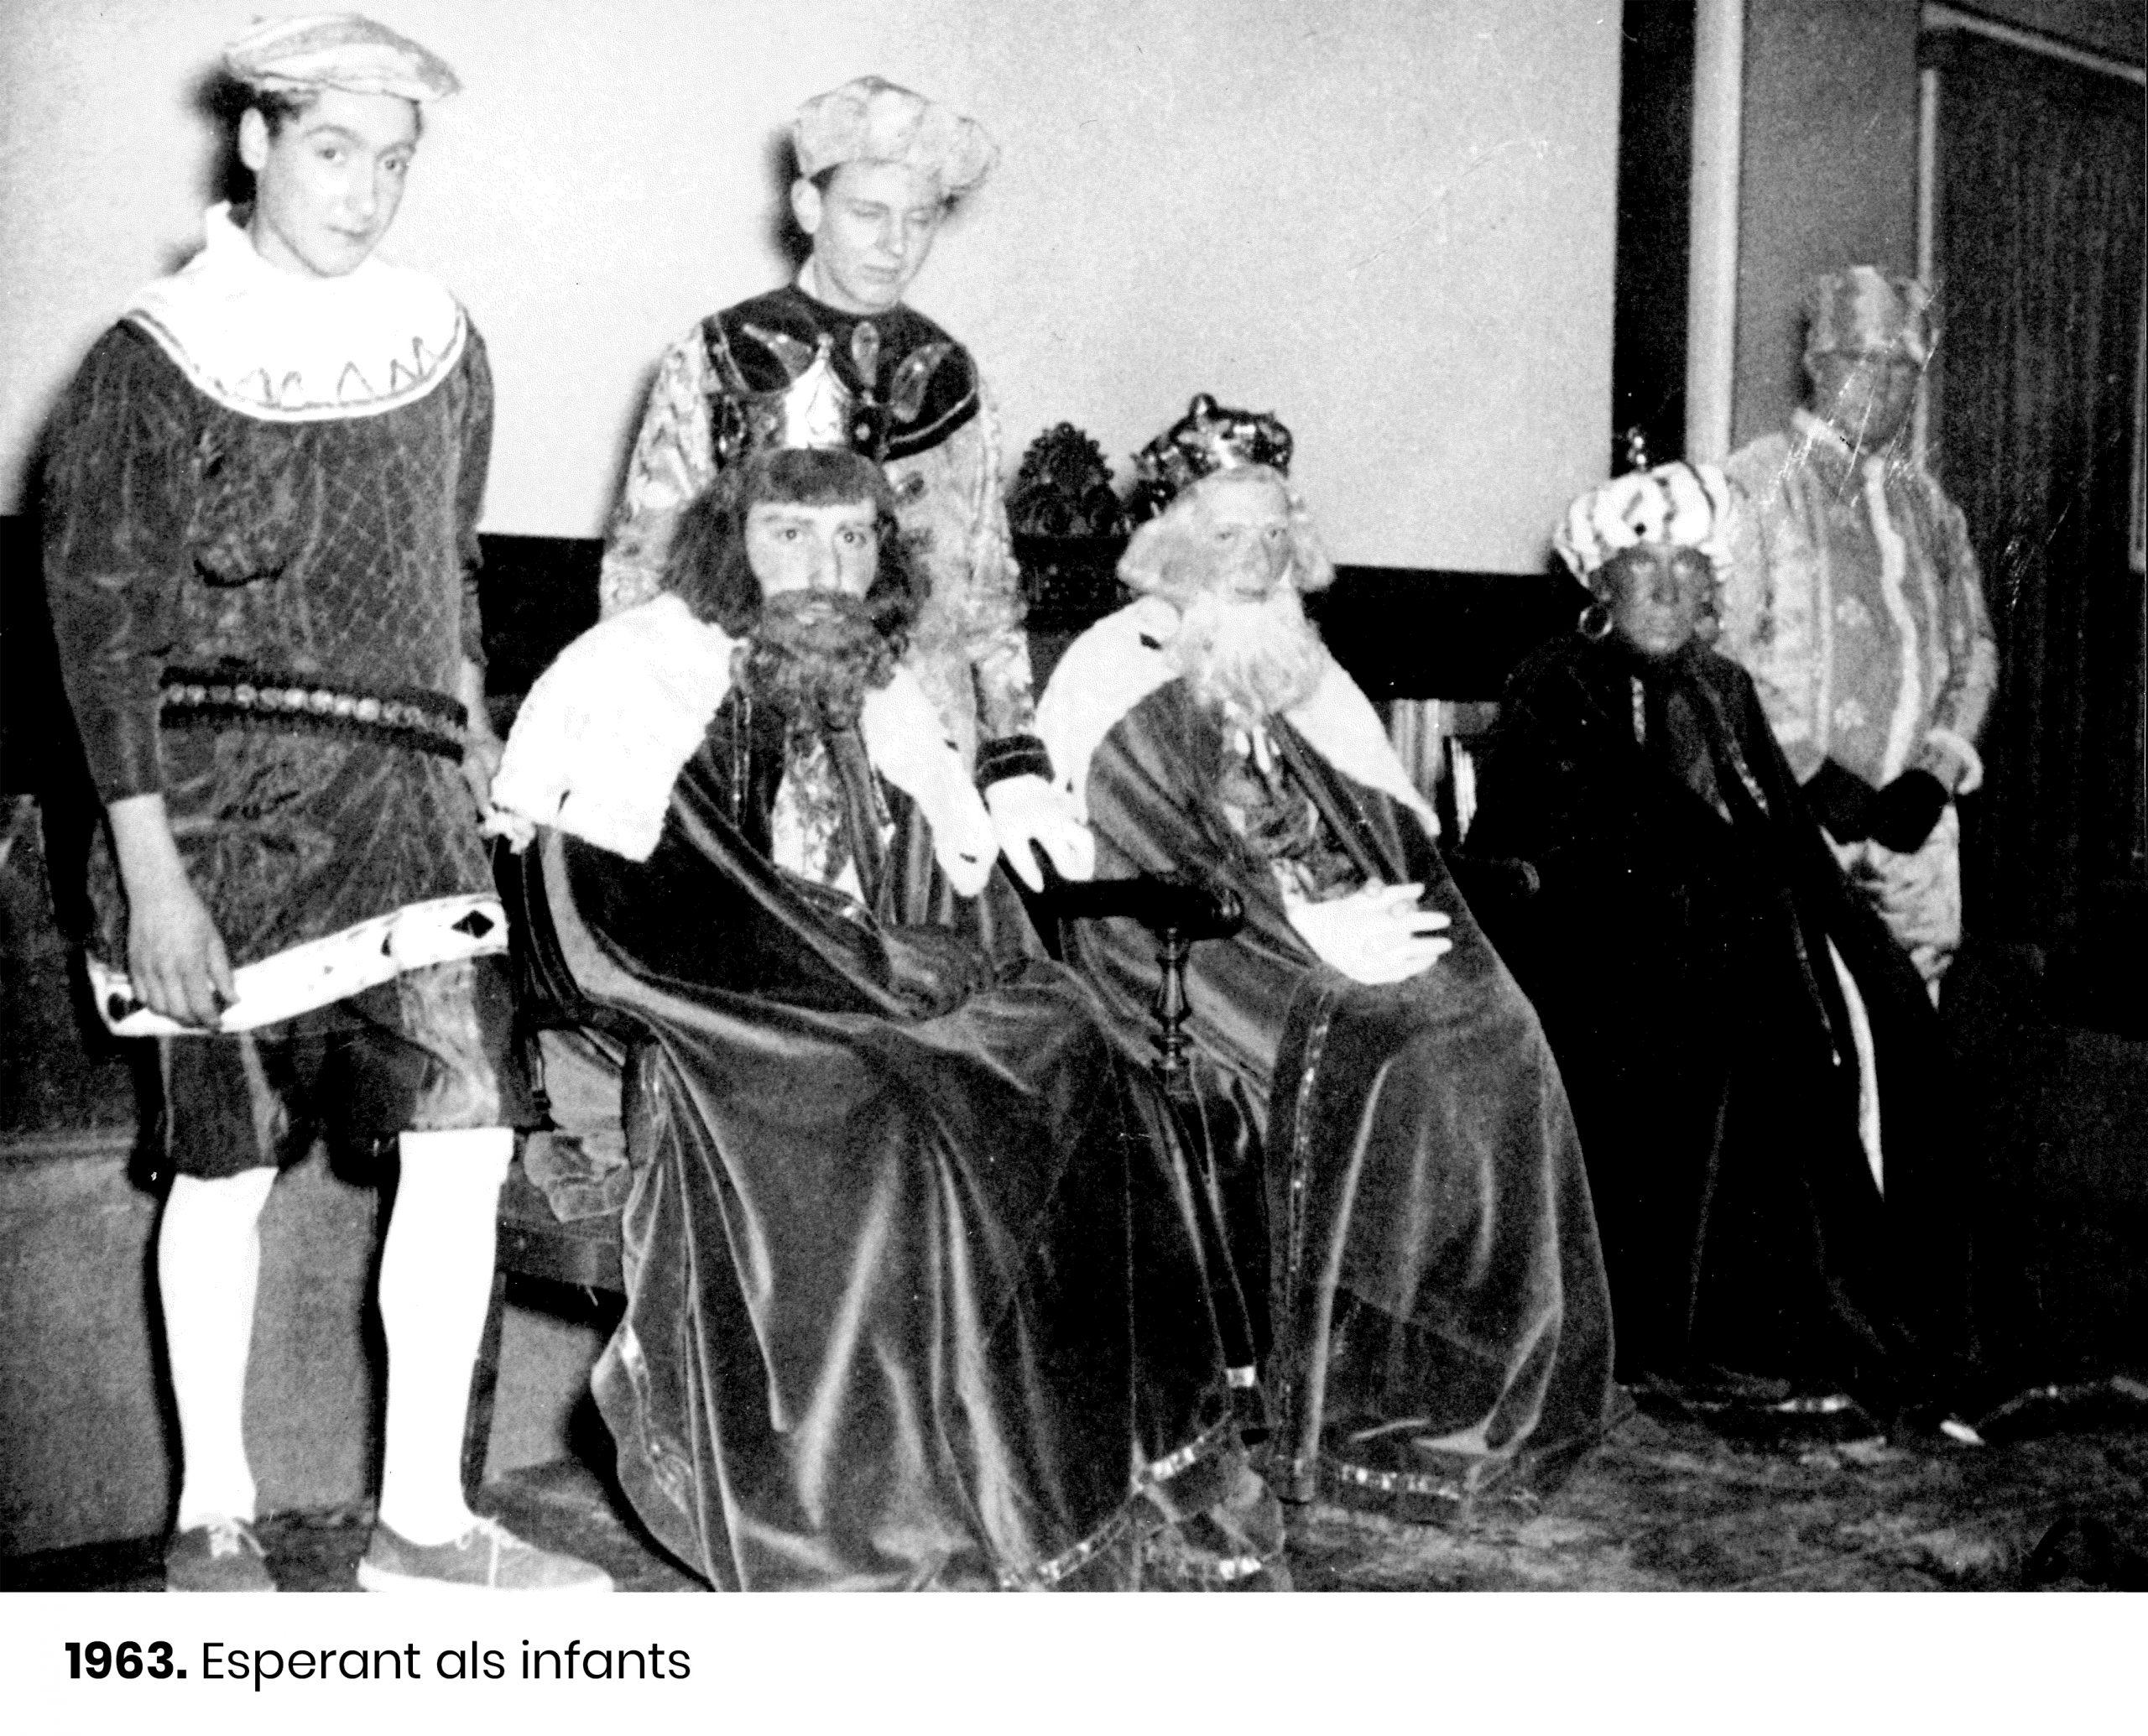 1963_Esperant als infants